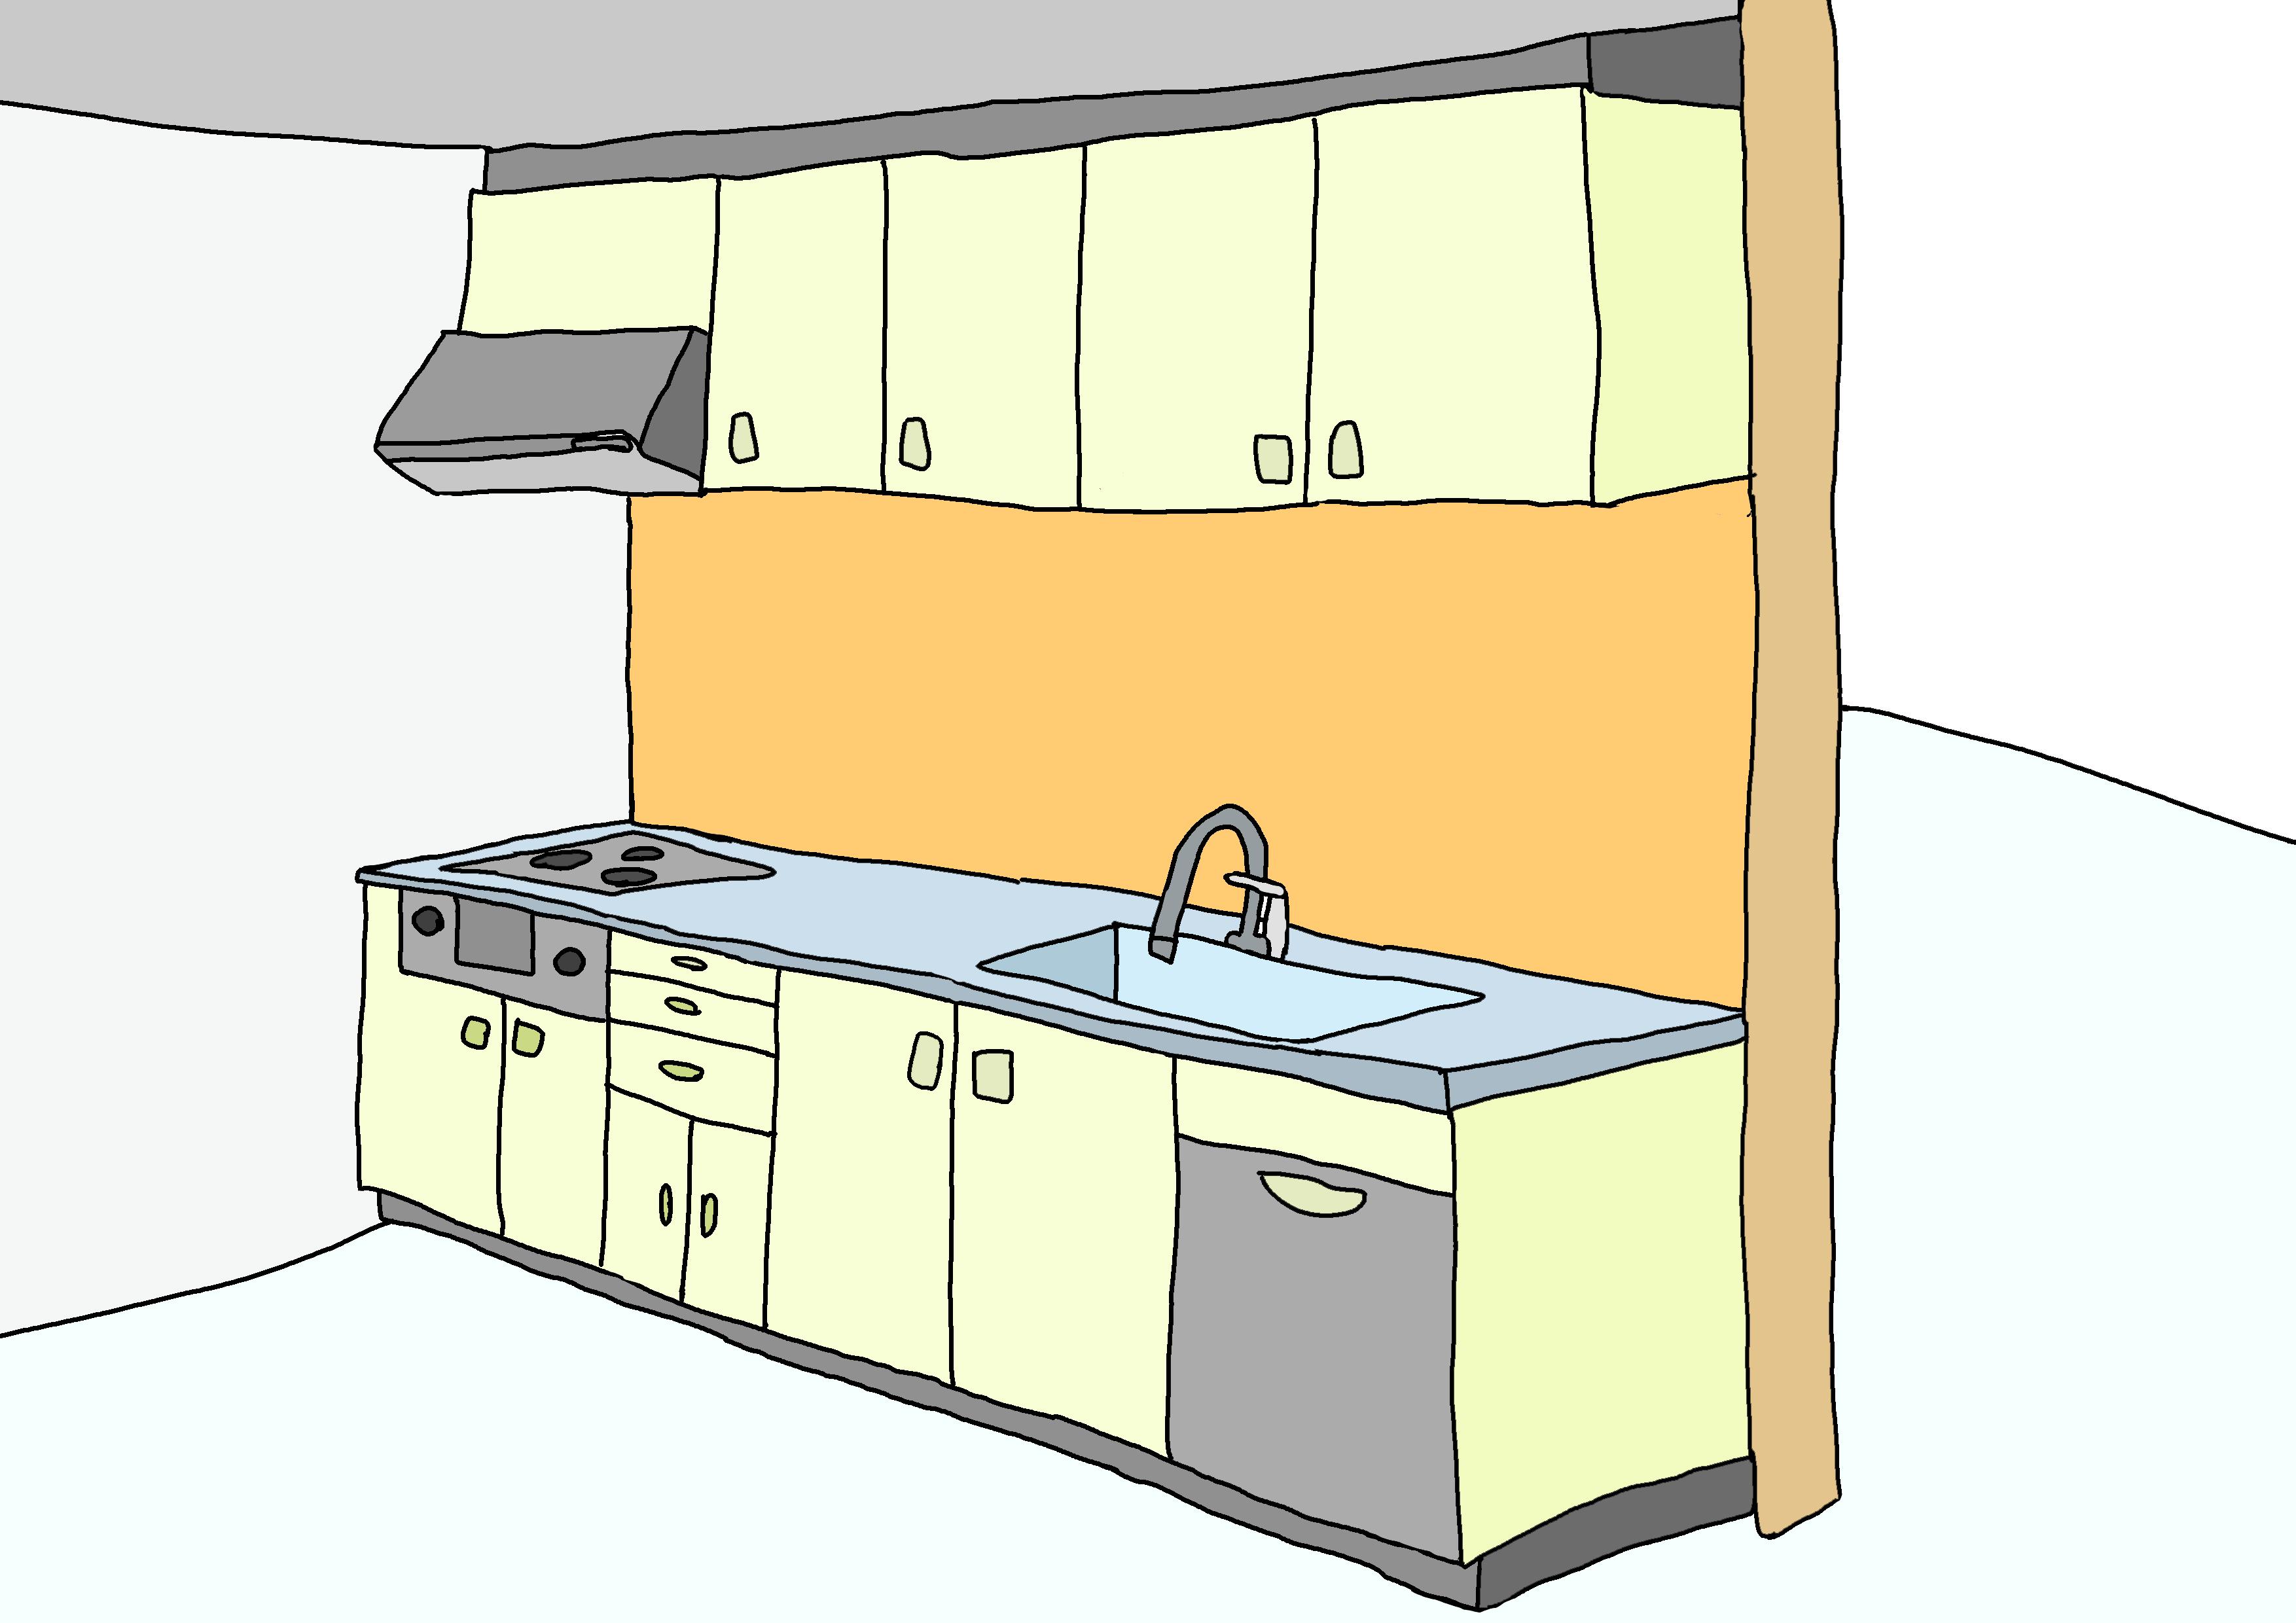 27課イラスト【キッチン】